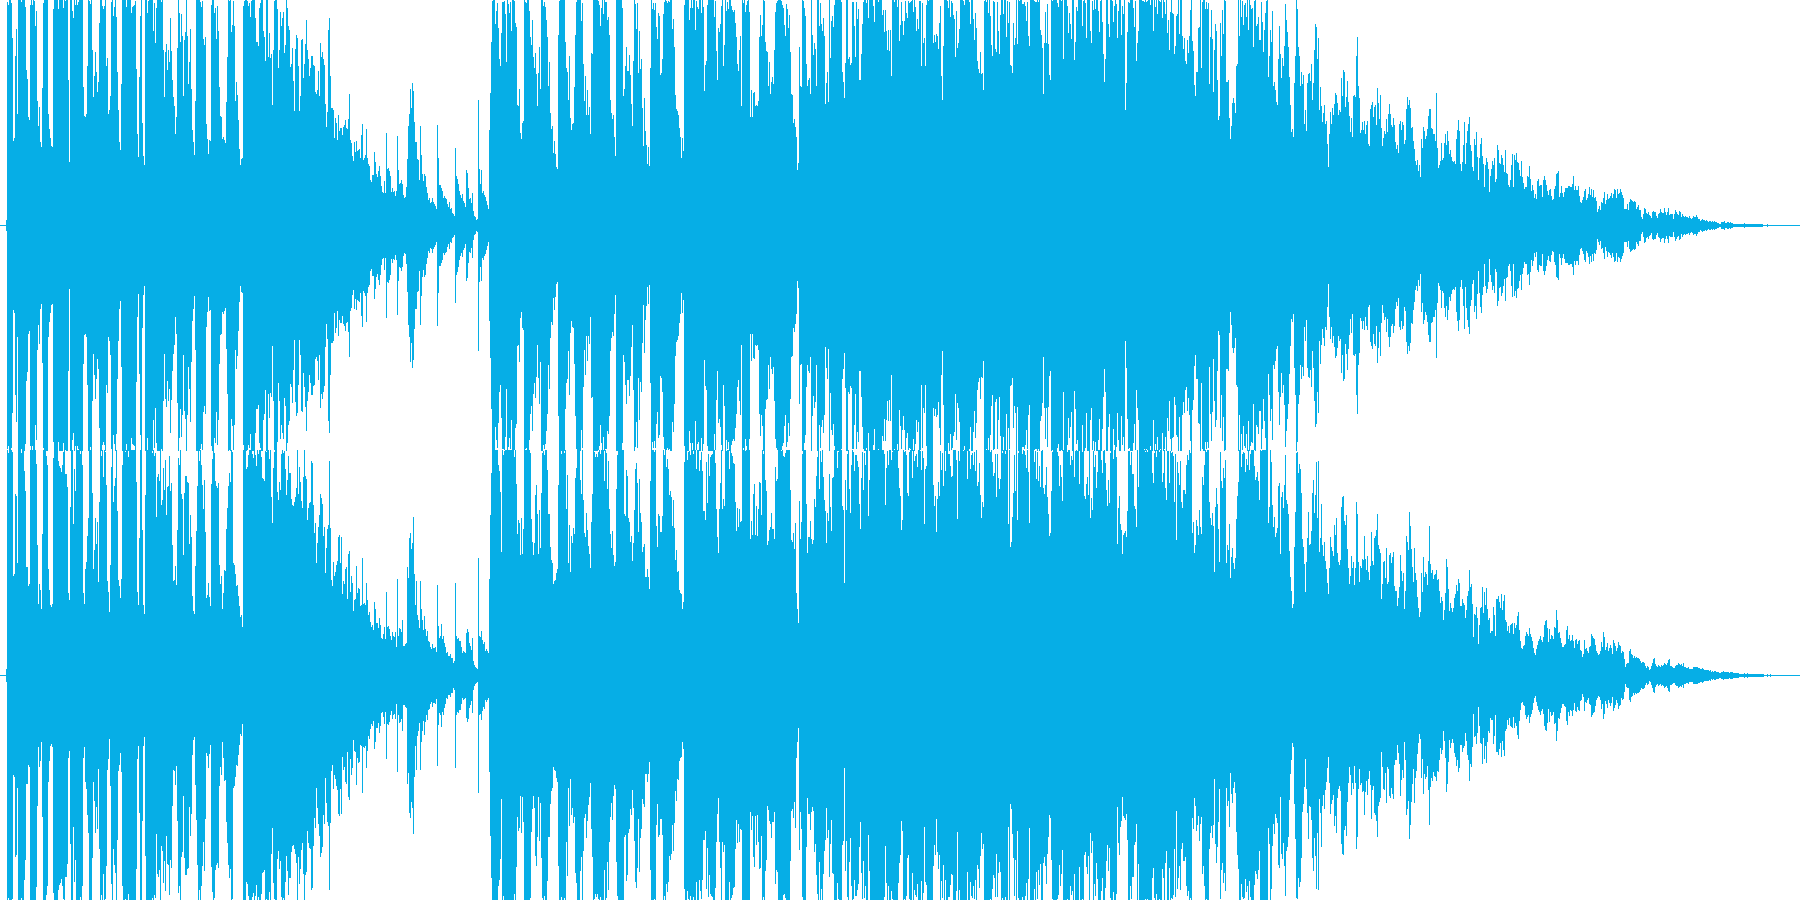 南国のファンファーレ(オープニング向け)の再生済みの波形